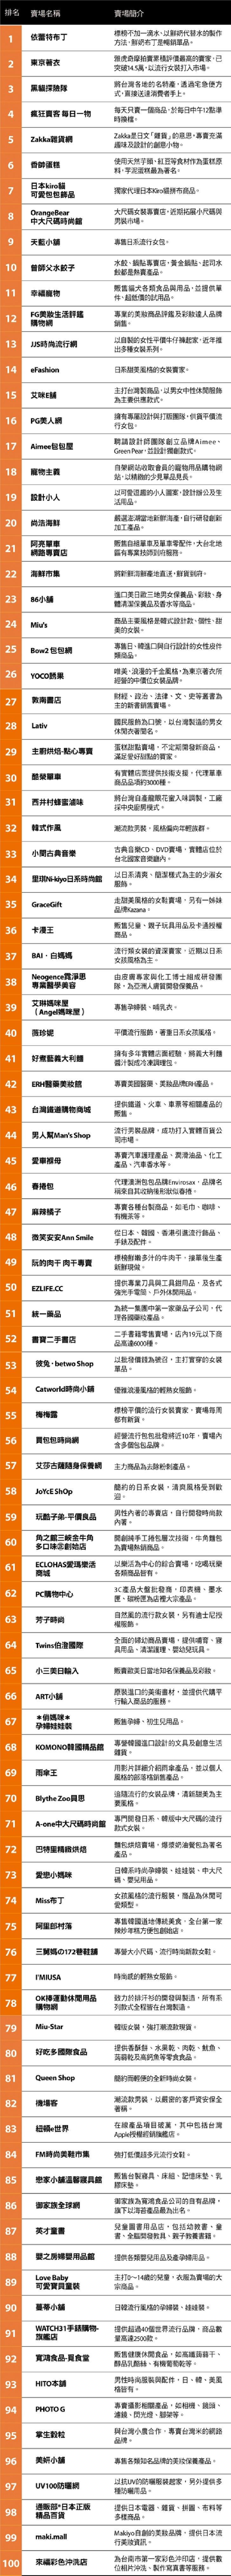 《數位時代》網路人氣賣家100強榜單